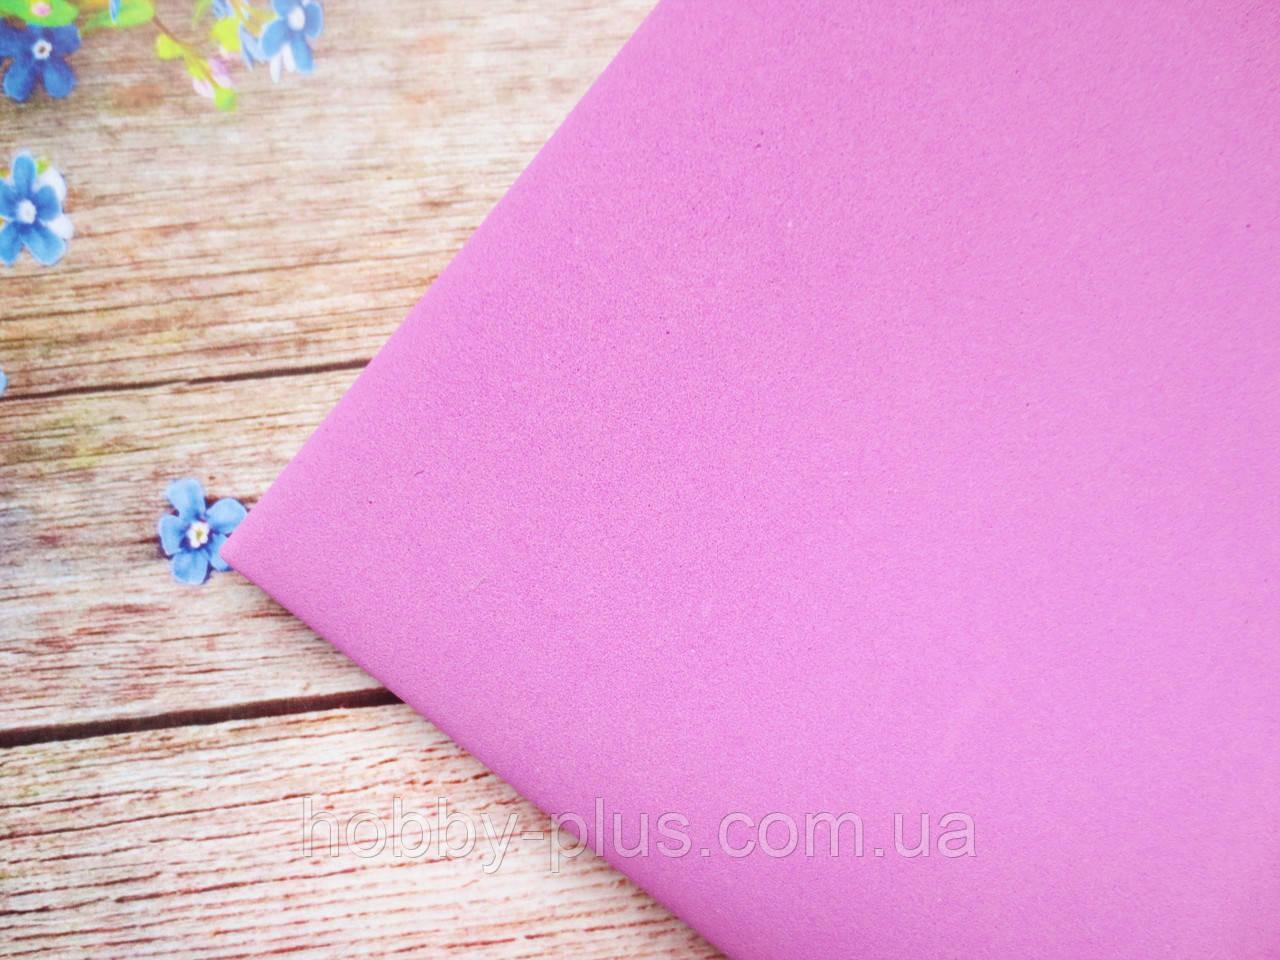 Фоамиран 1 мм, 50х50 см, цвет лаванда